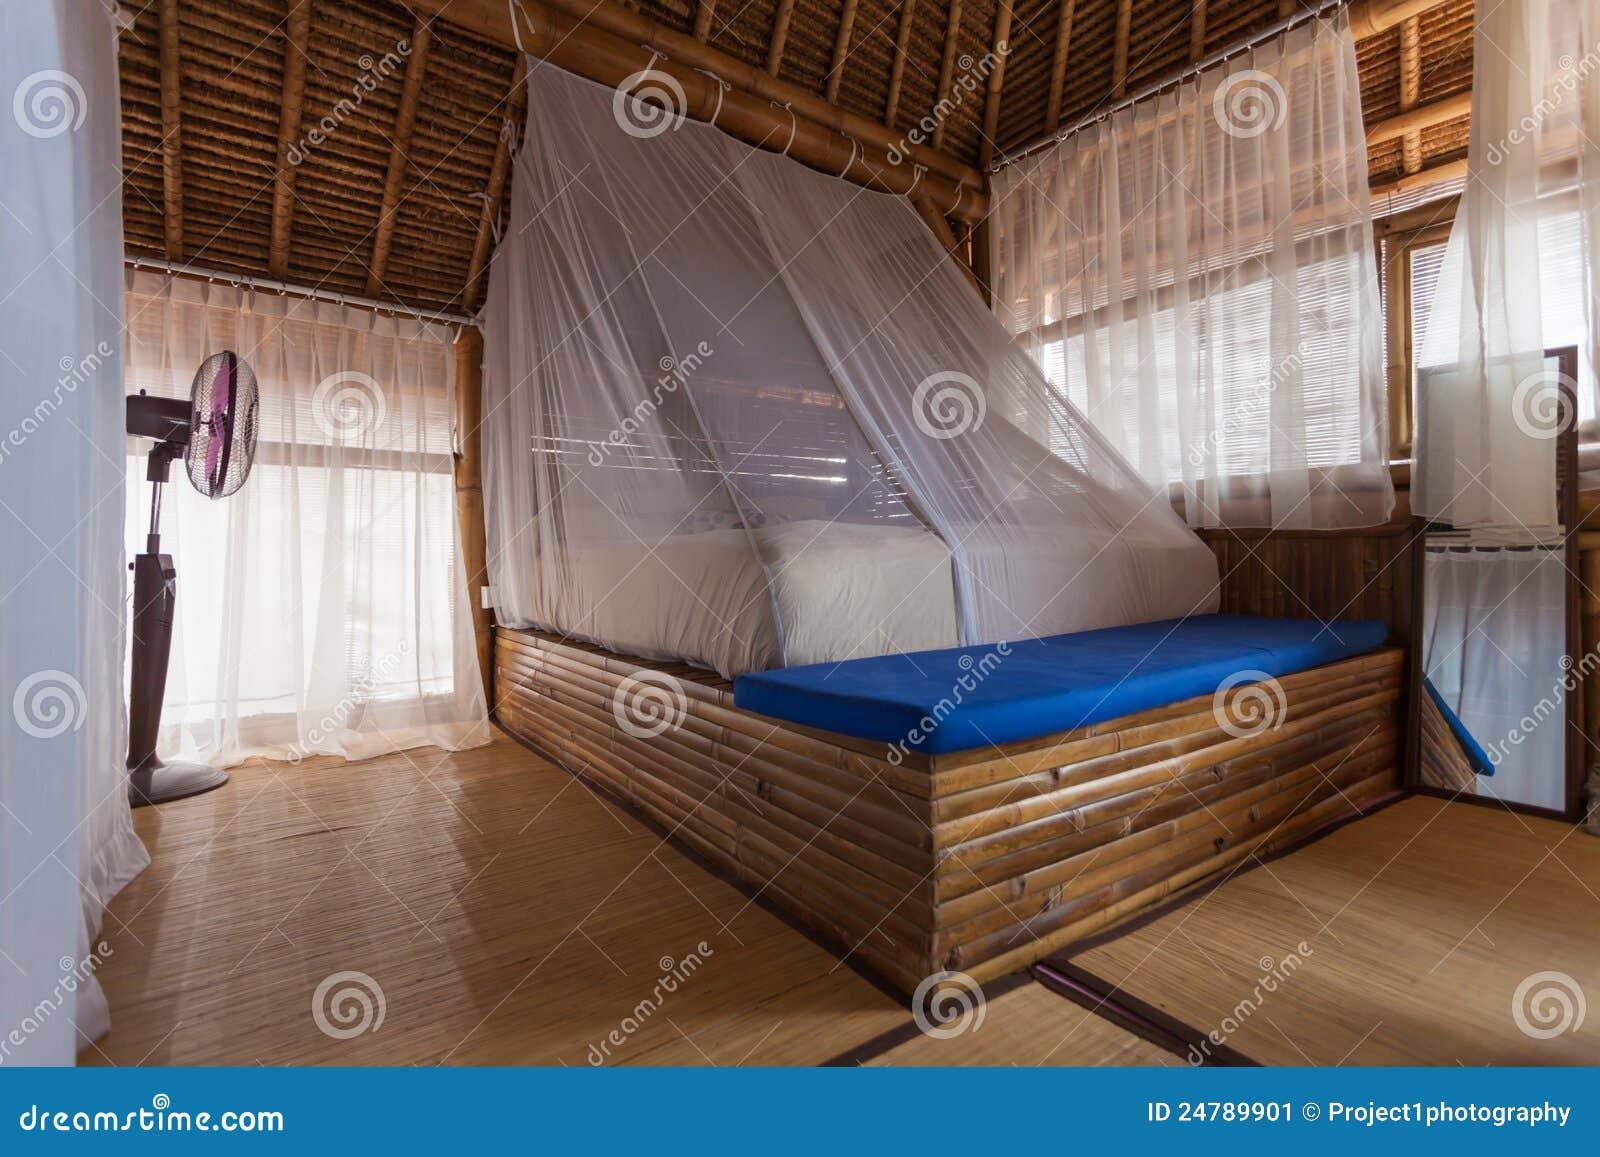 Bambusschlafzimmer stockbild. Bild von hölzern, schlafzimmer - 24789901